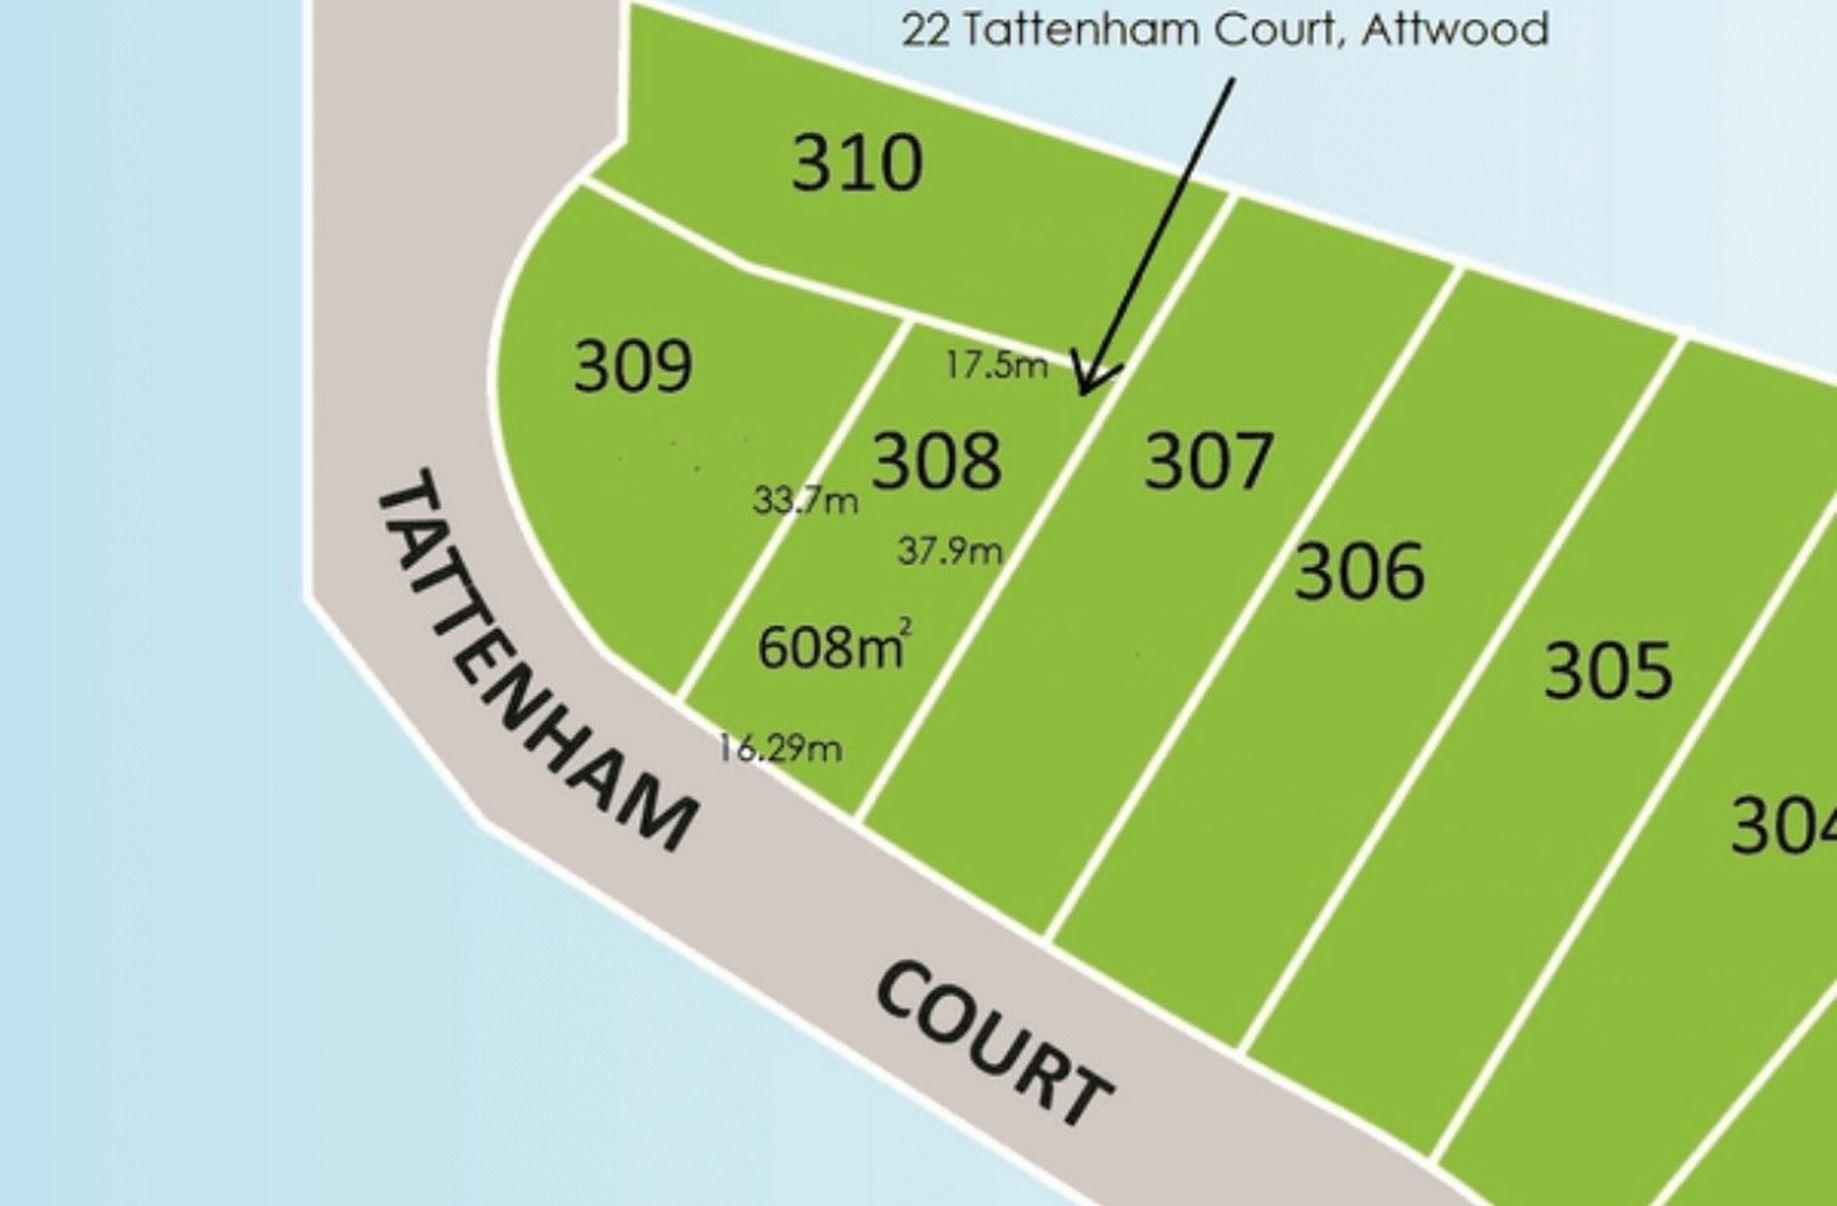 22 Tattenham Court, Attwood